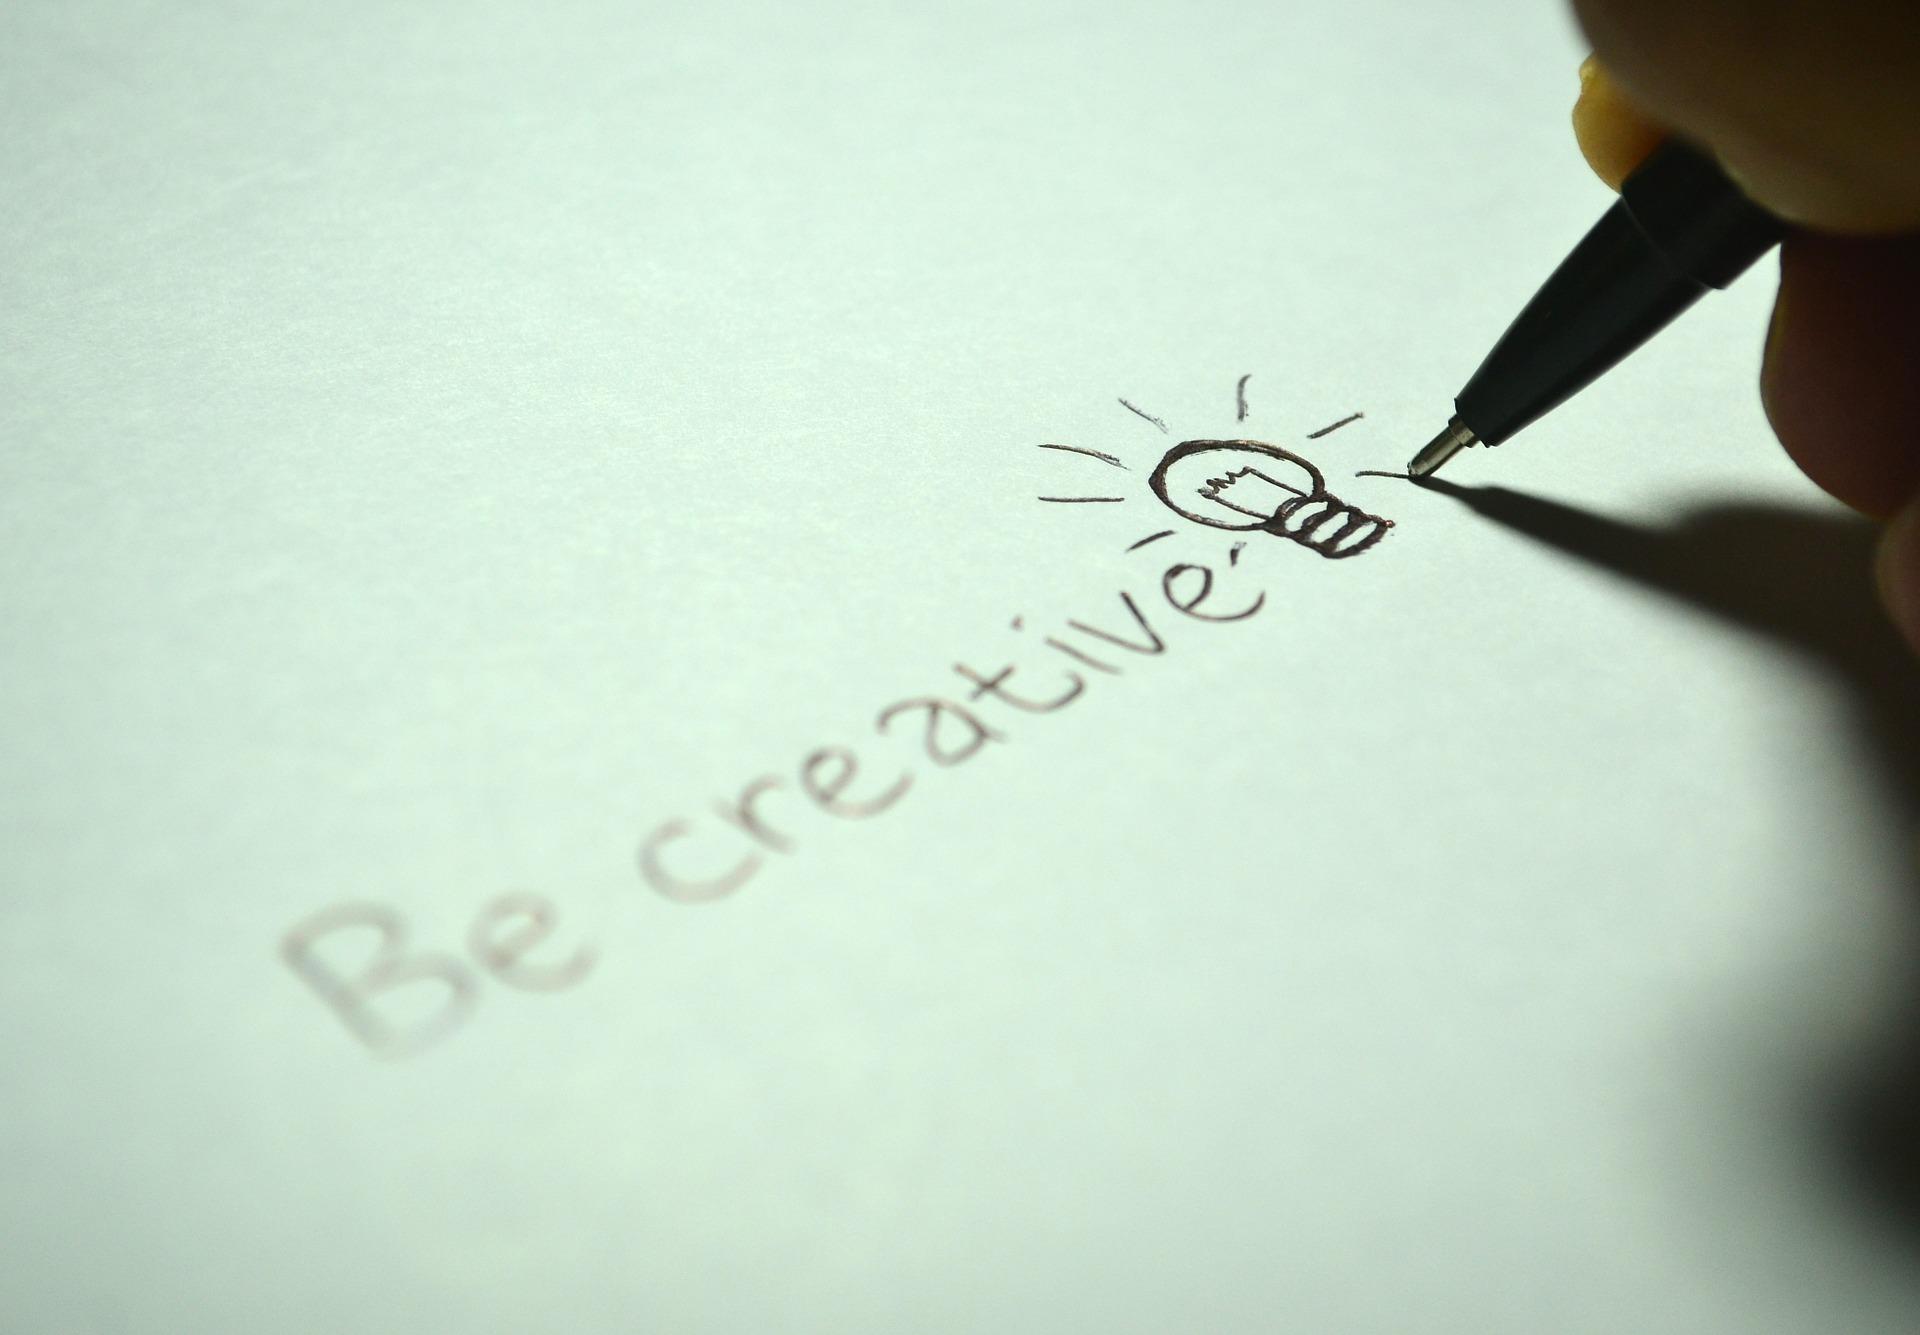 Be creative written on a sheet - CollegeMarker